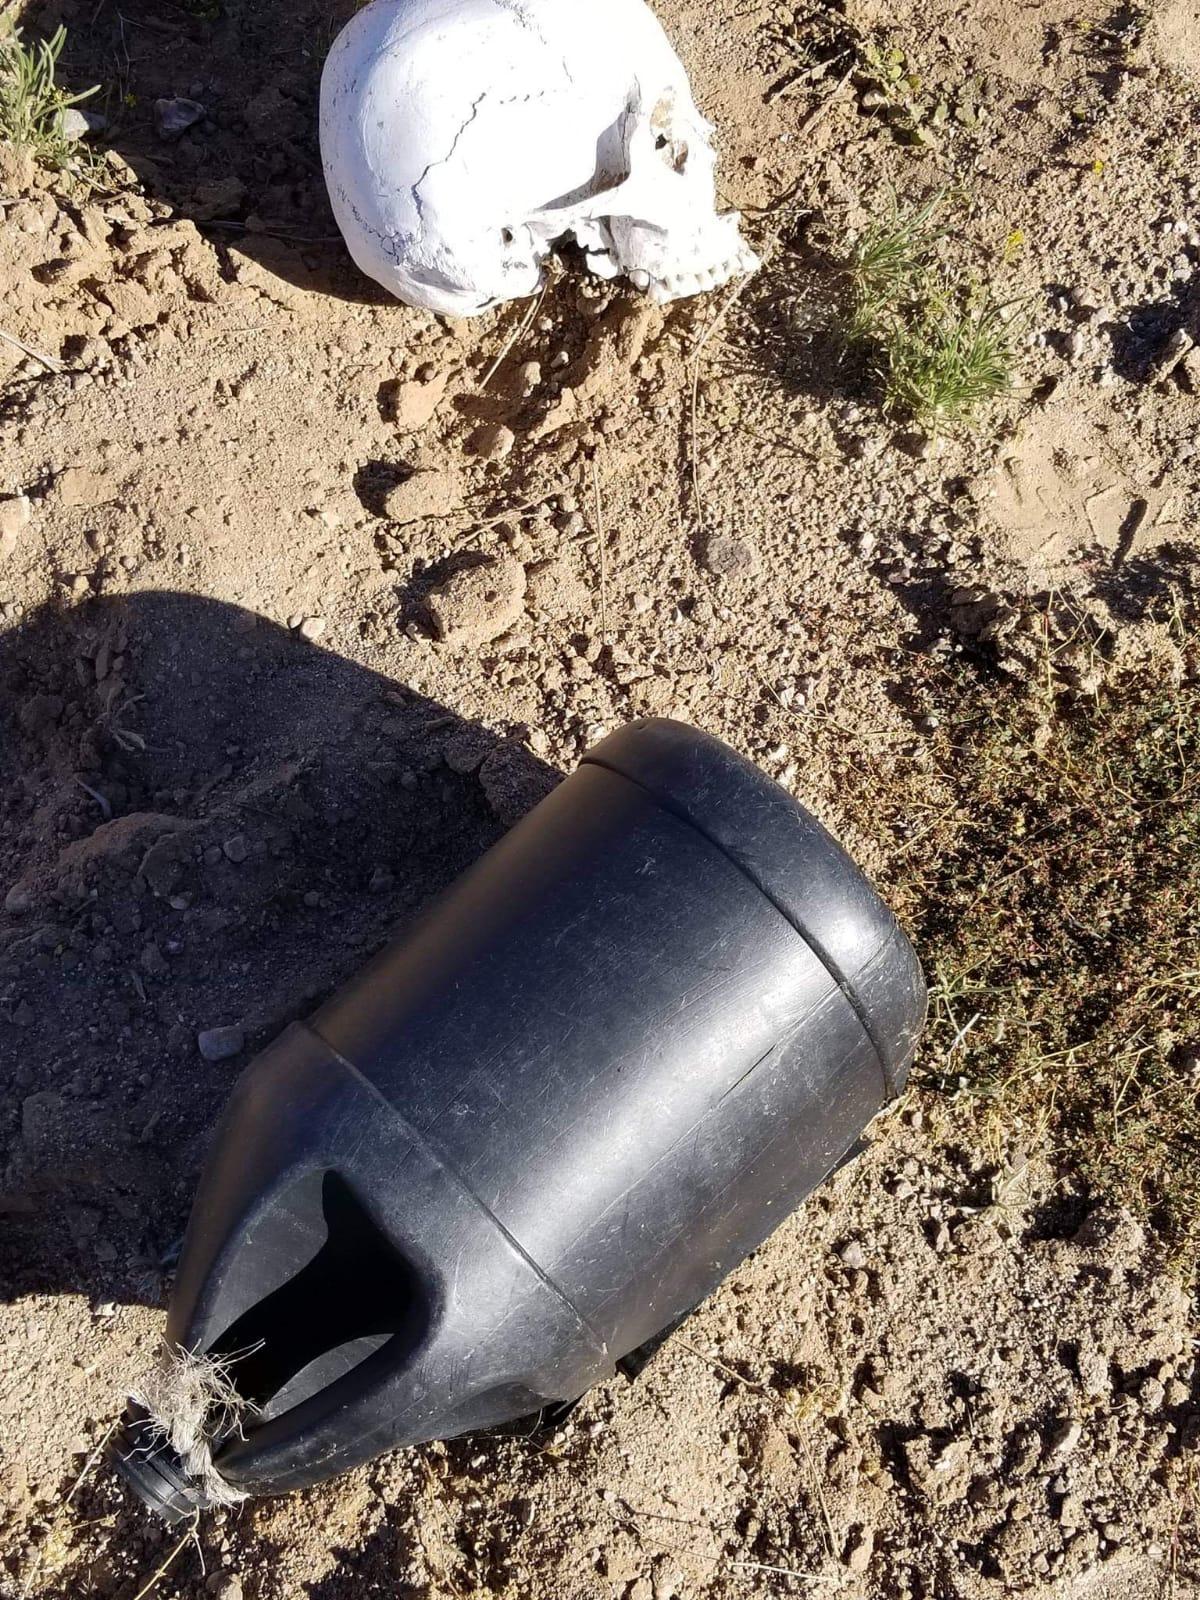 Imagen captura un bote de agua y un cráneo encontrados durante una búsqueda.